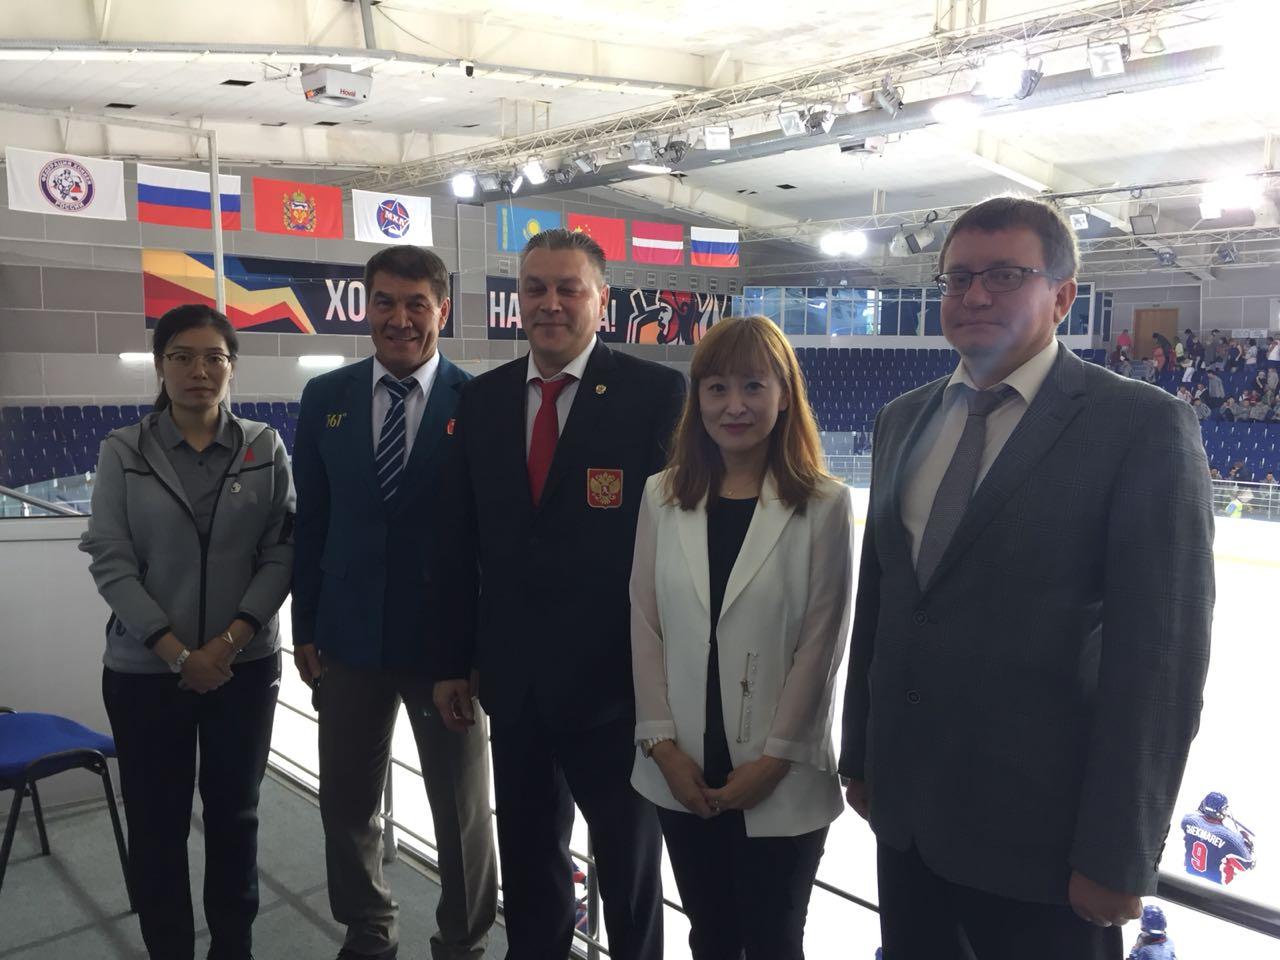 А.А. Строкин в г. Оренбурге в рамках Открытого турнира по следж-хоккею «Кубок вызова, вперед на лед!» встретился с представителями НПК Китая